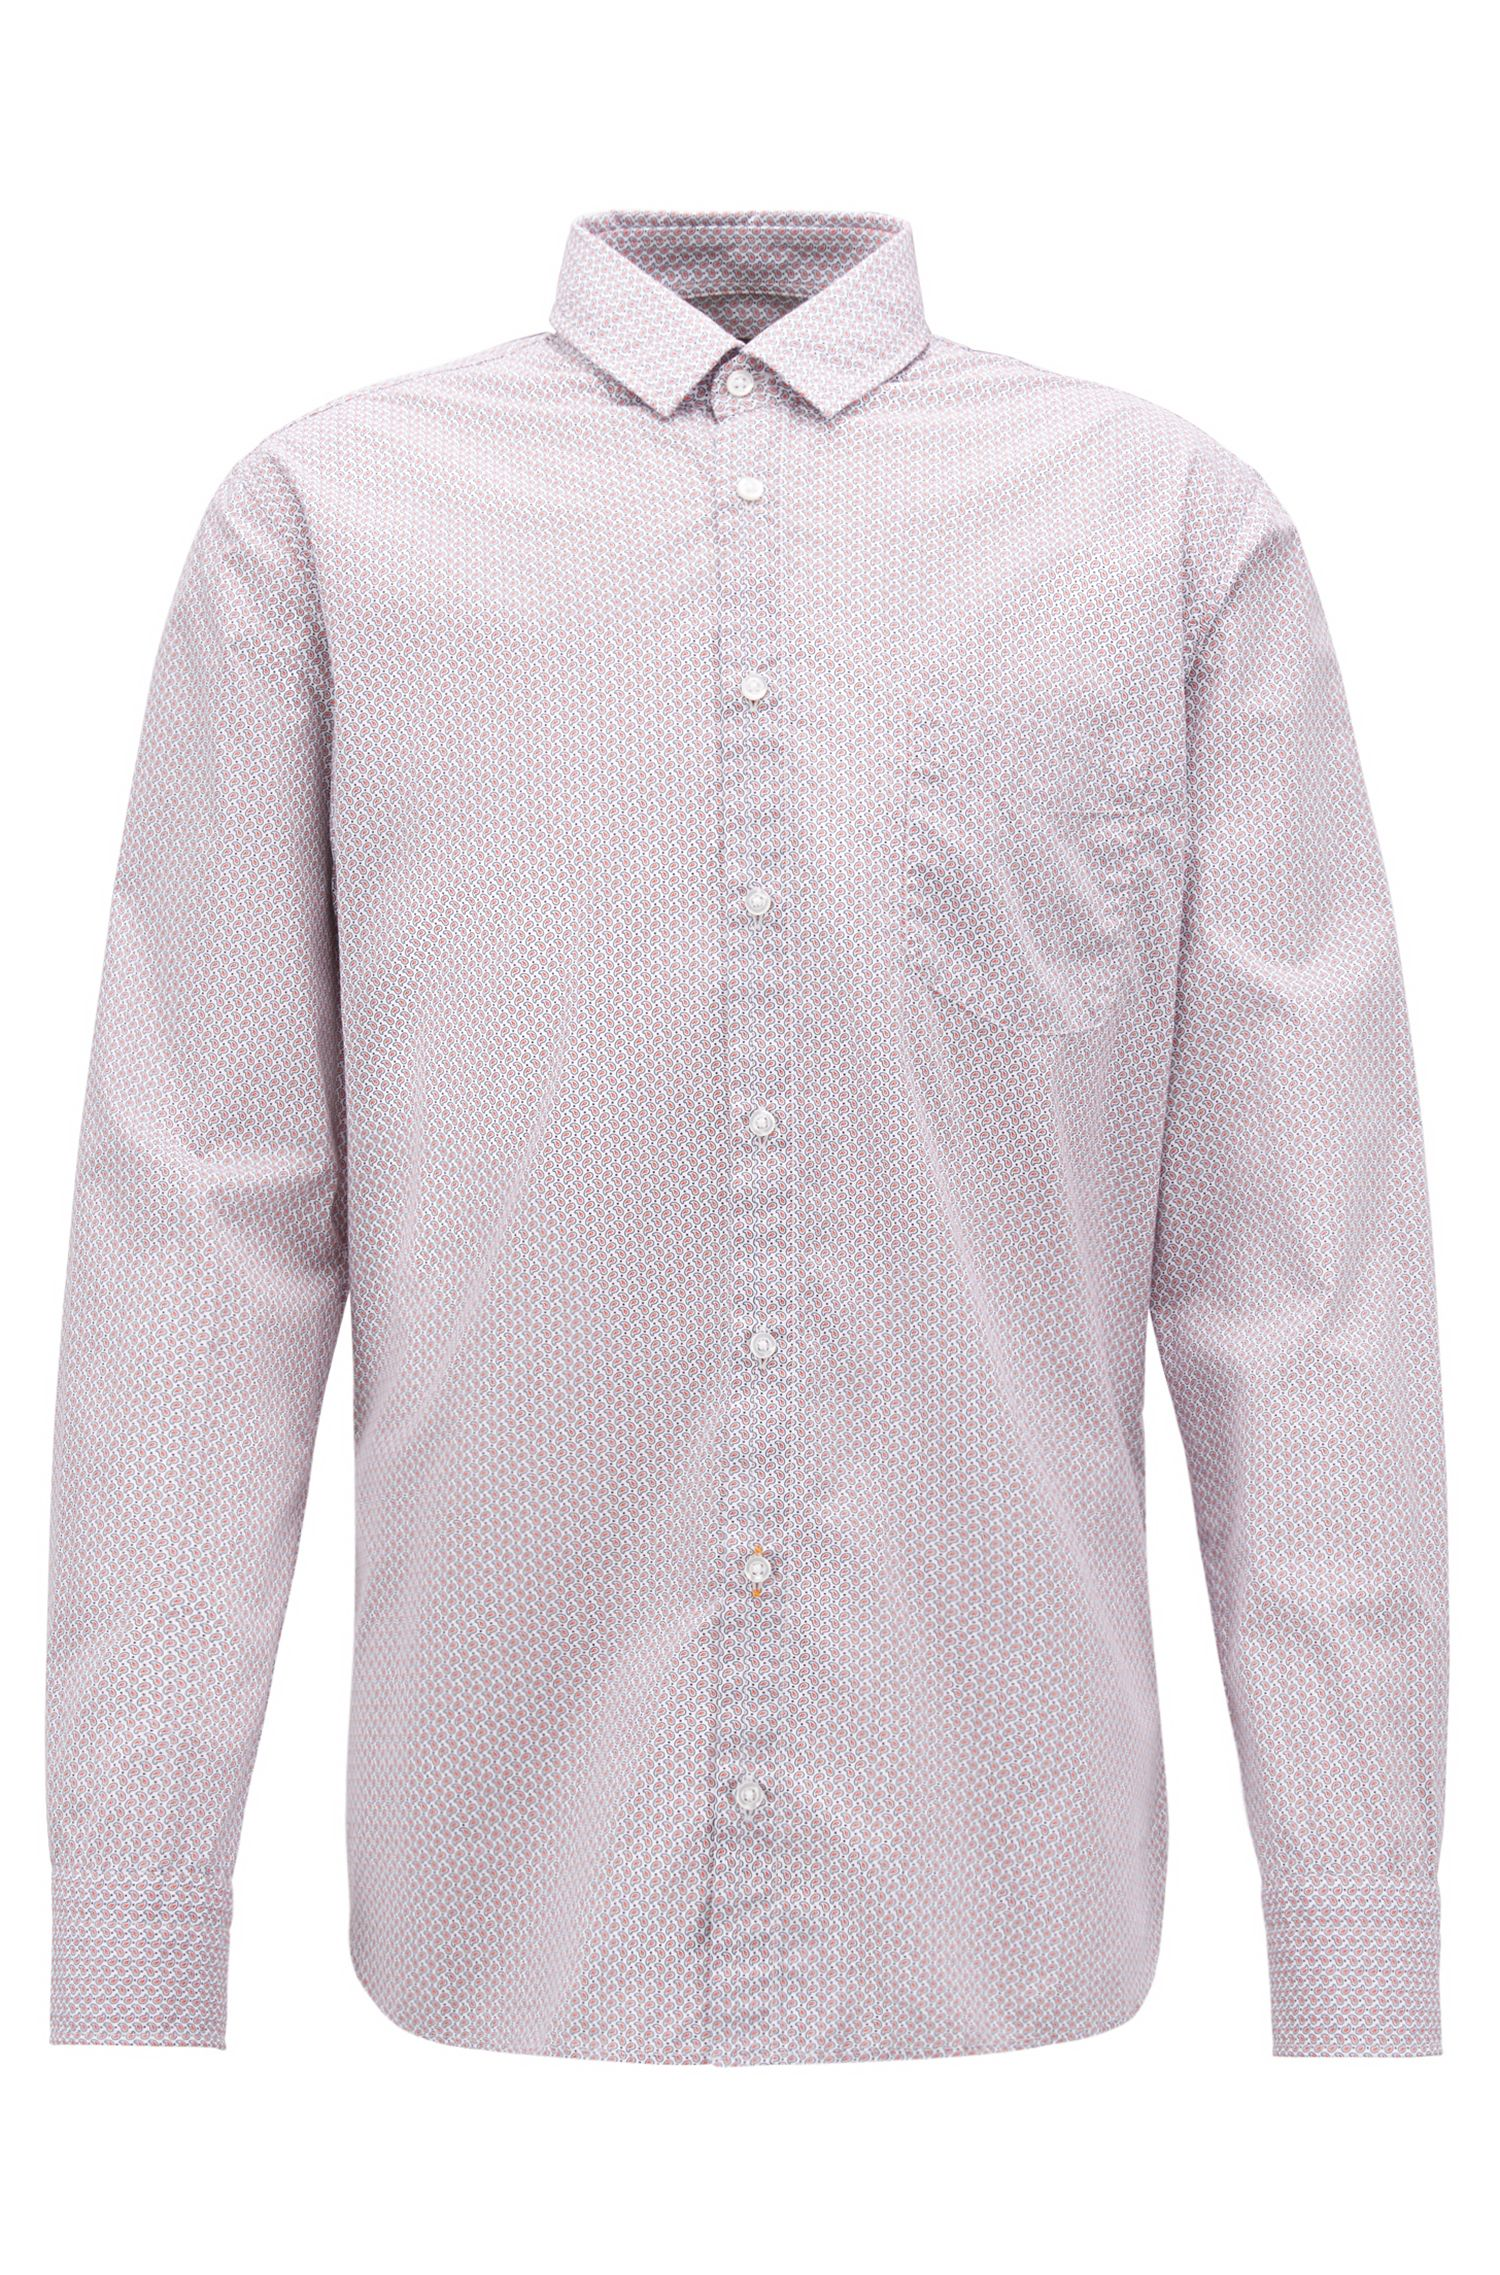 Camicia slim fit in cotone con microstampa geometrica, Rosa chiaro